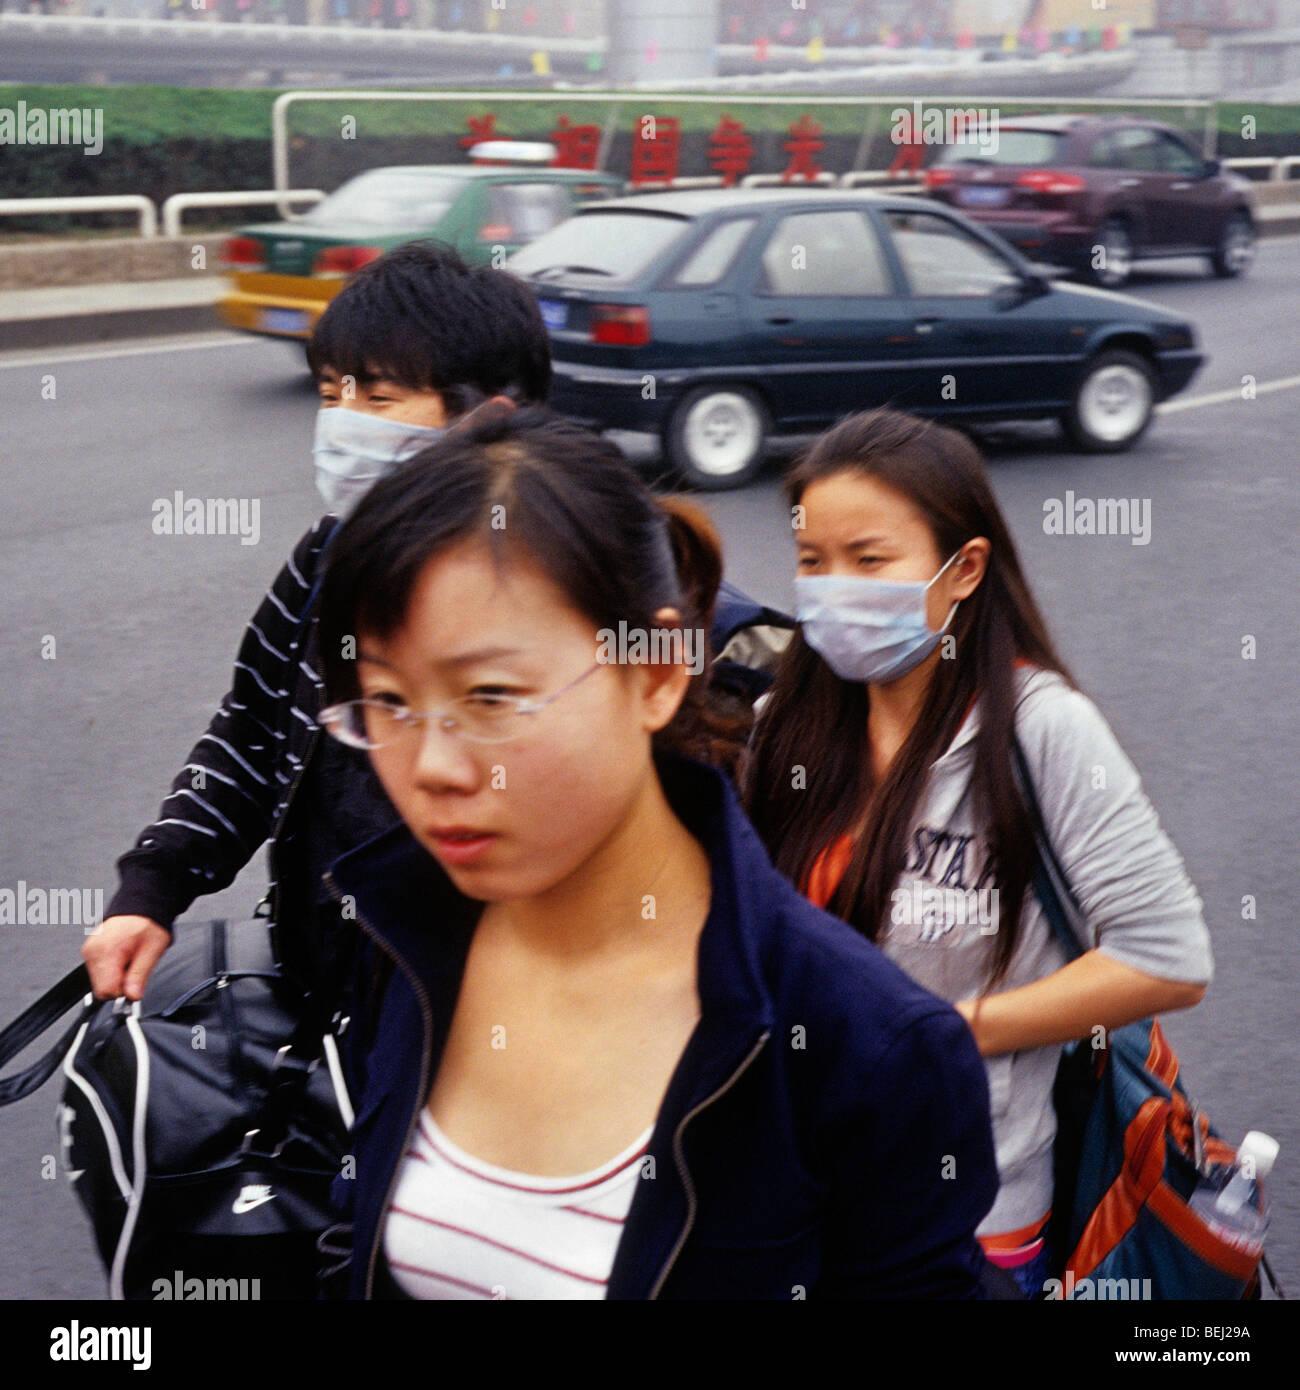 Coppia giovane indossare maschere per proteggere contro inquinamento grave a Pechino in Cina. 30-set-2009 Immagini Stock